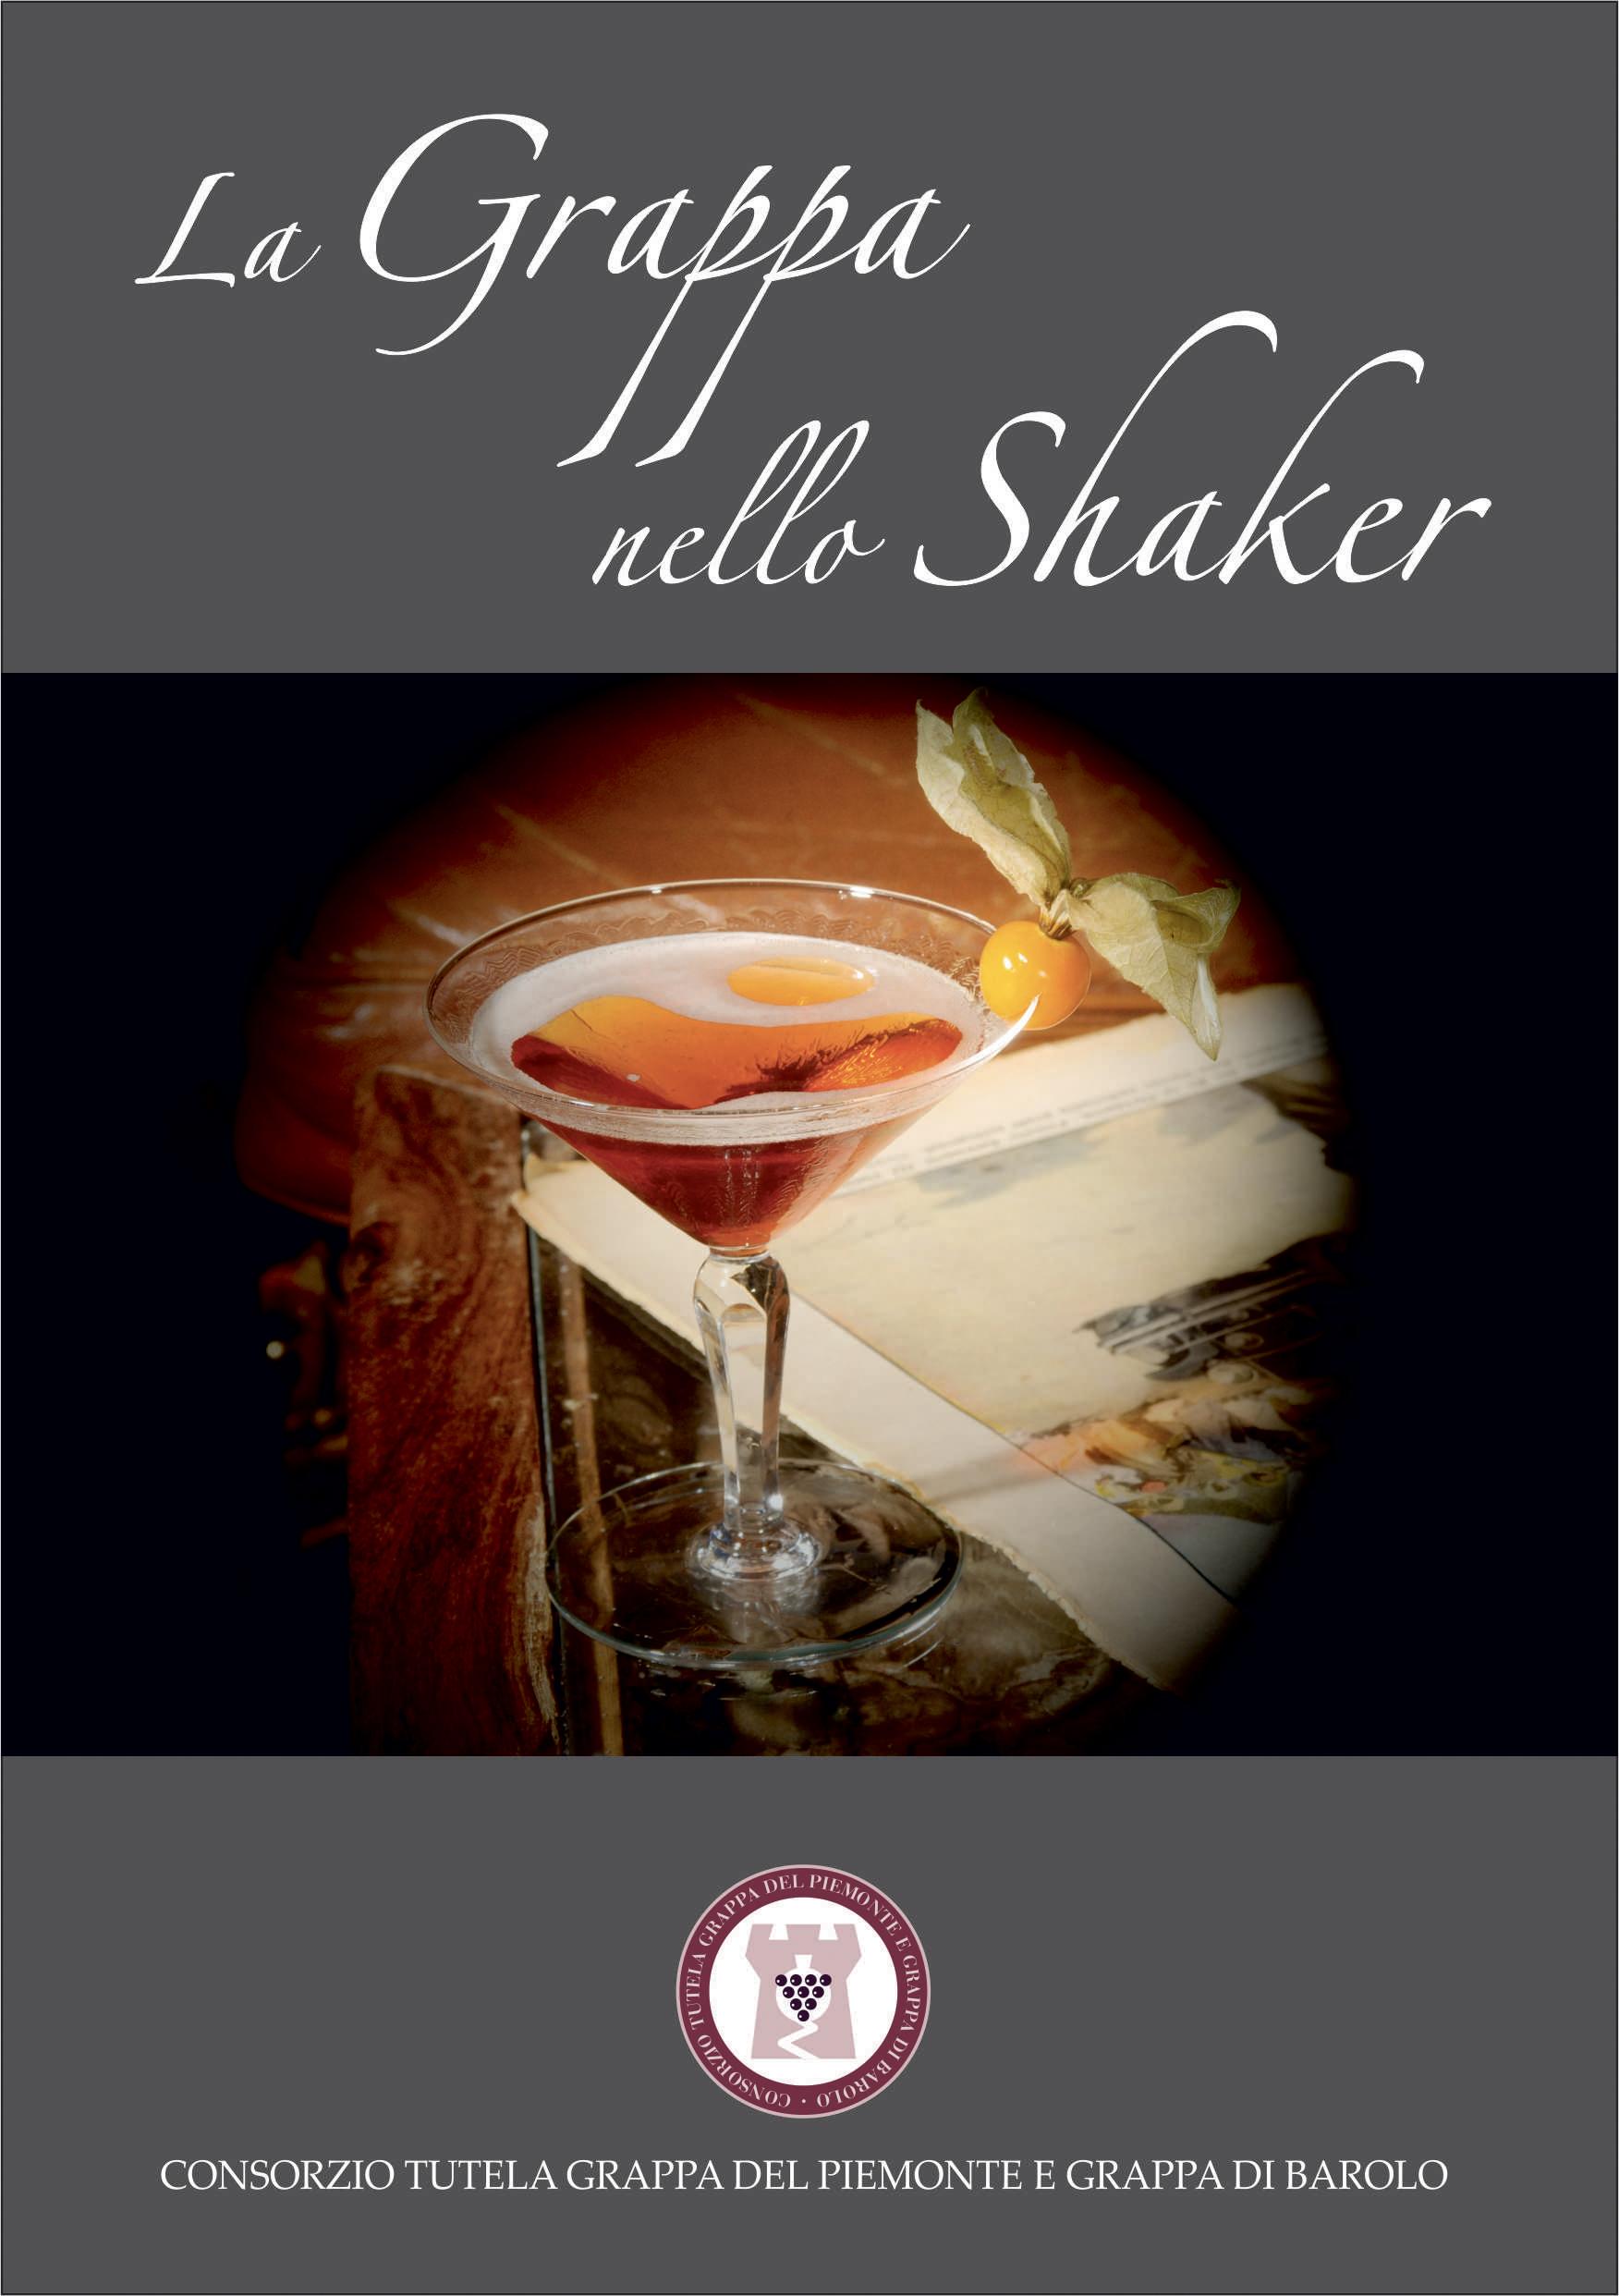 """Anche Asti accoglie la presentazione del libro """"La Grappa nello Shaker""""."""